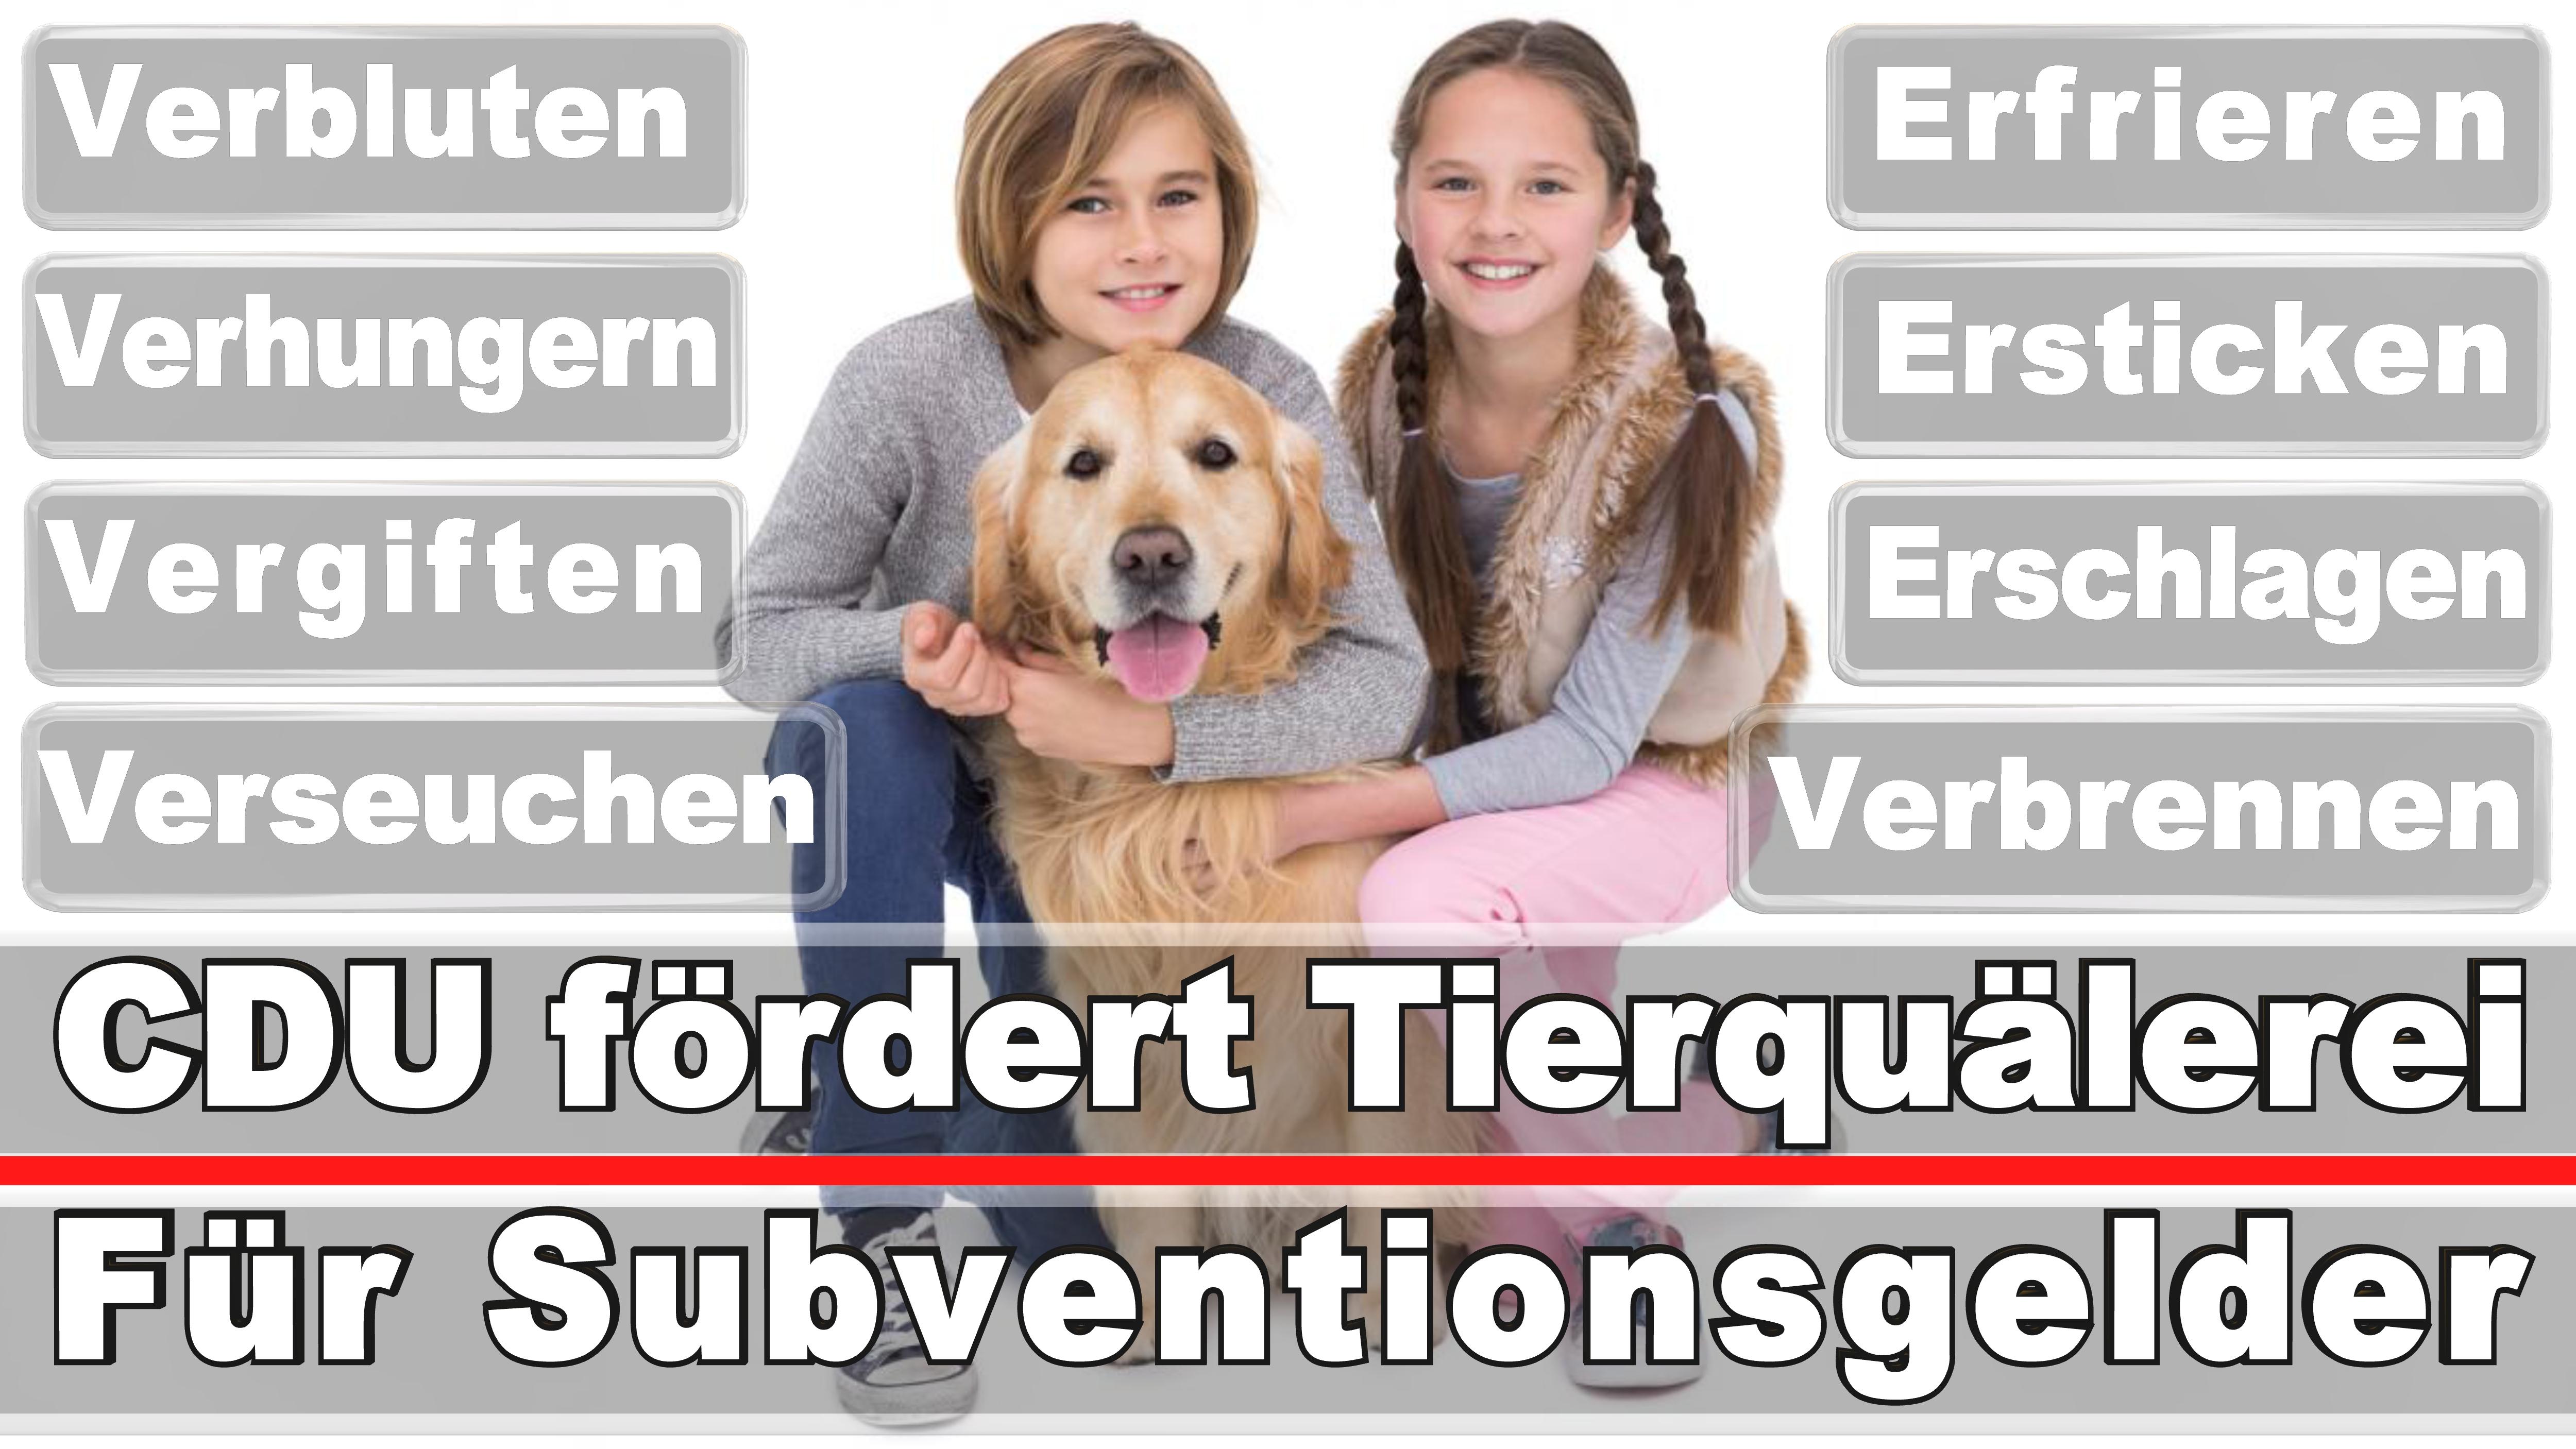 Landtagswahl-Bundestagswahl-CDU-SPD-FDP-AFD-Linke-Piraten (18)